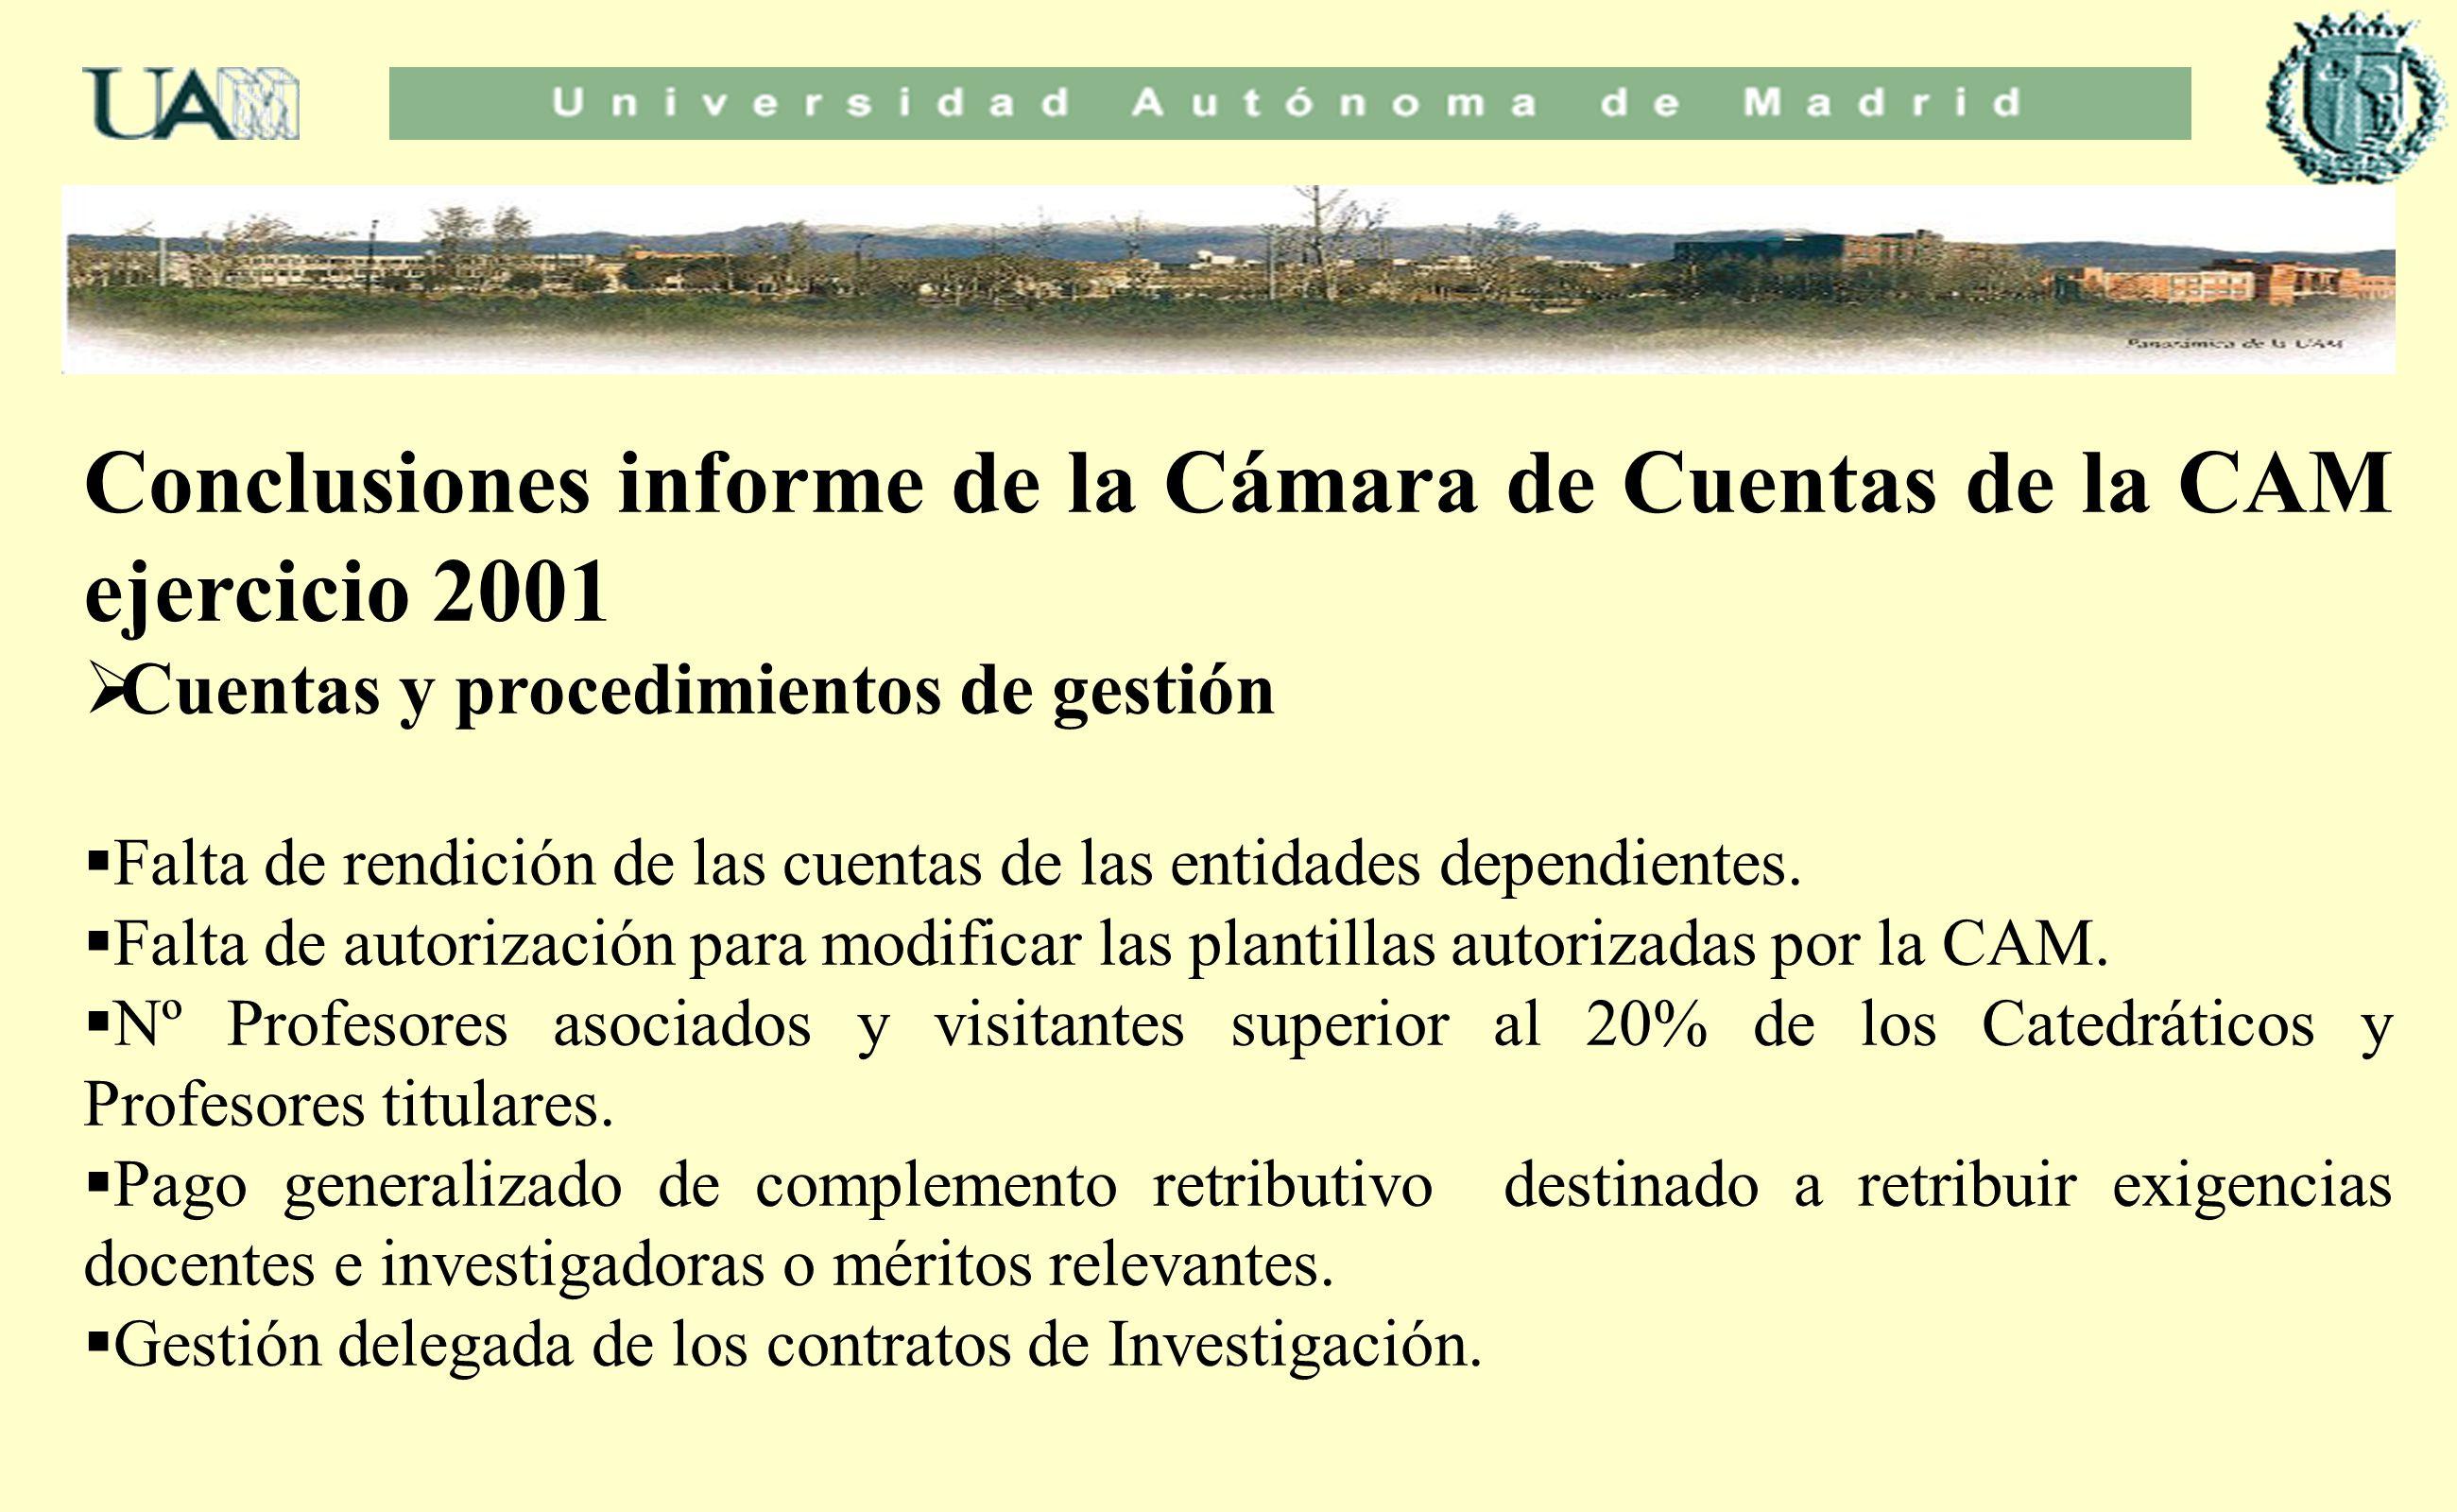 Conclusiones informe de la Cámara de Cuentas de la CAM ejercicio 2001